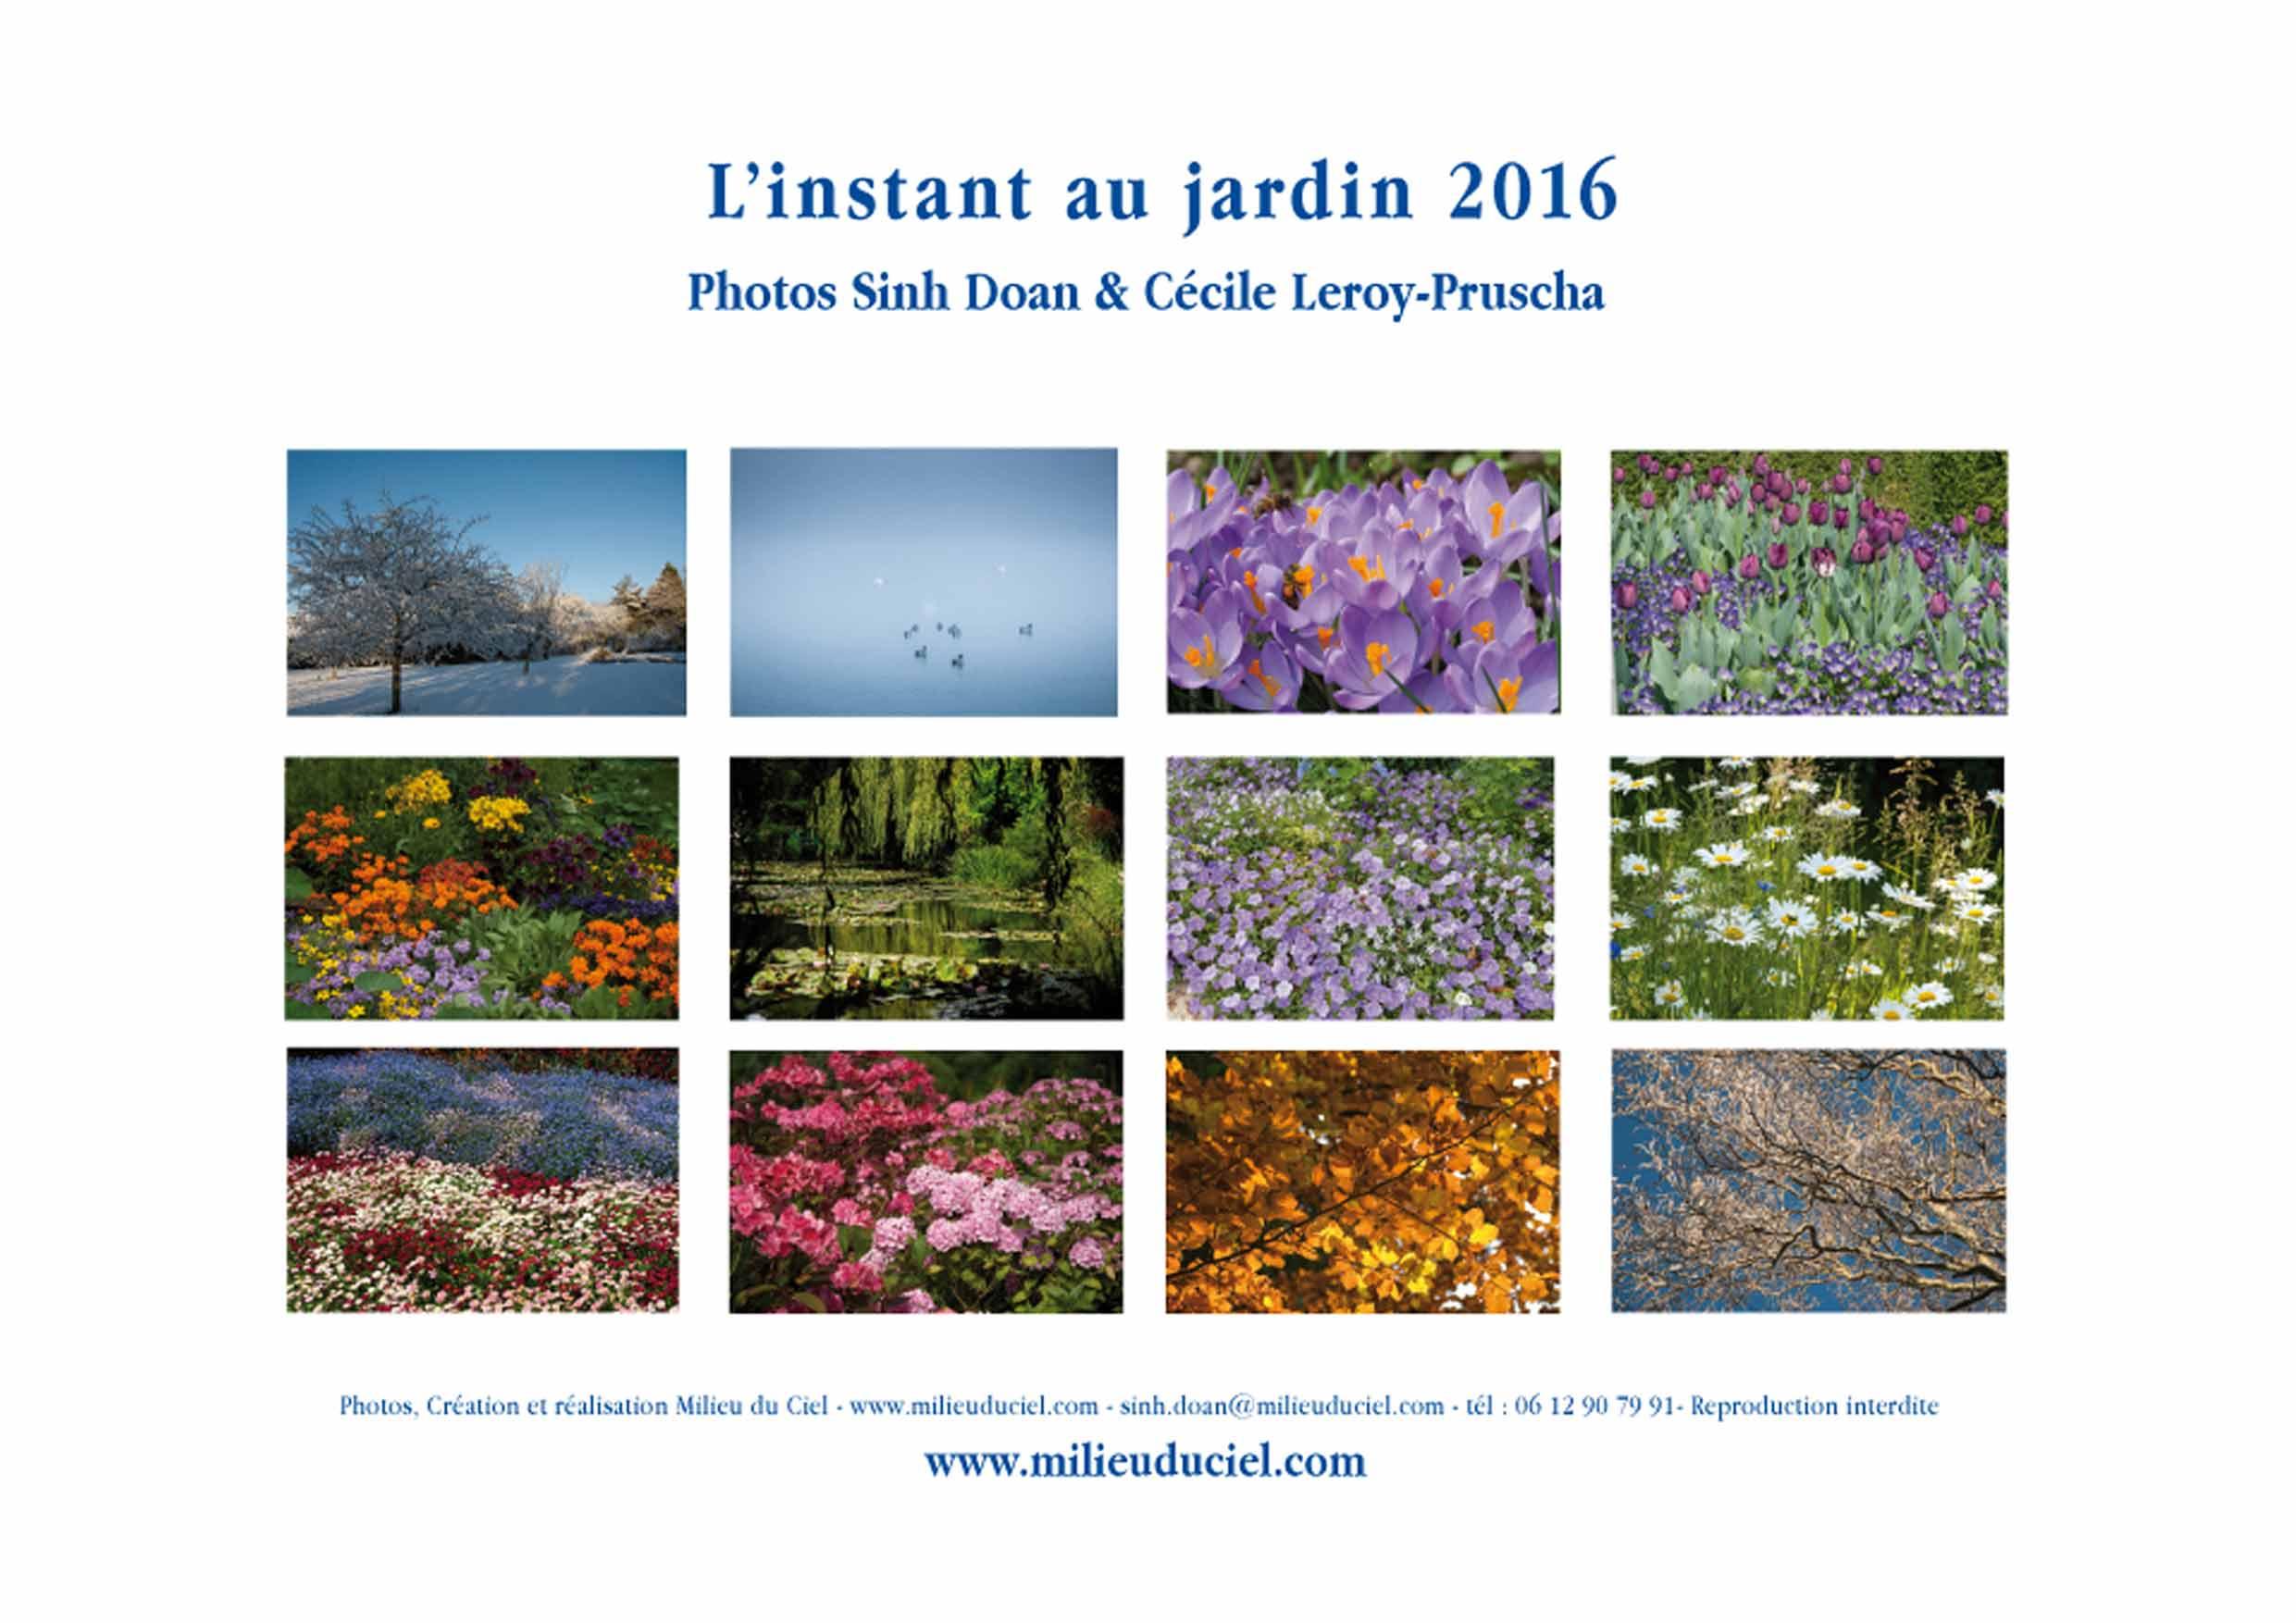 Milieu du ciel photographies milieu du ciel dite for Calendrier jardin 2016